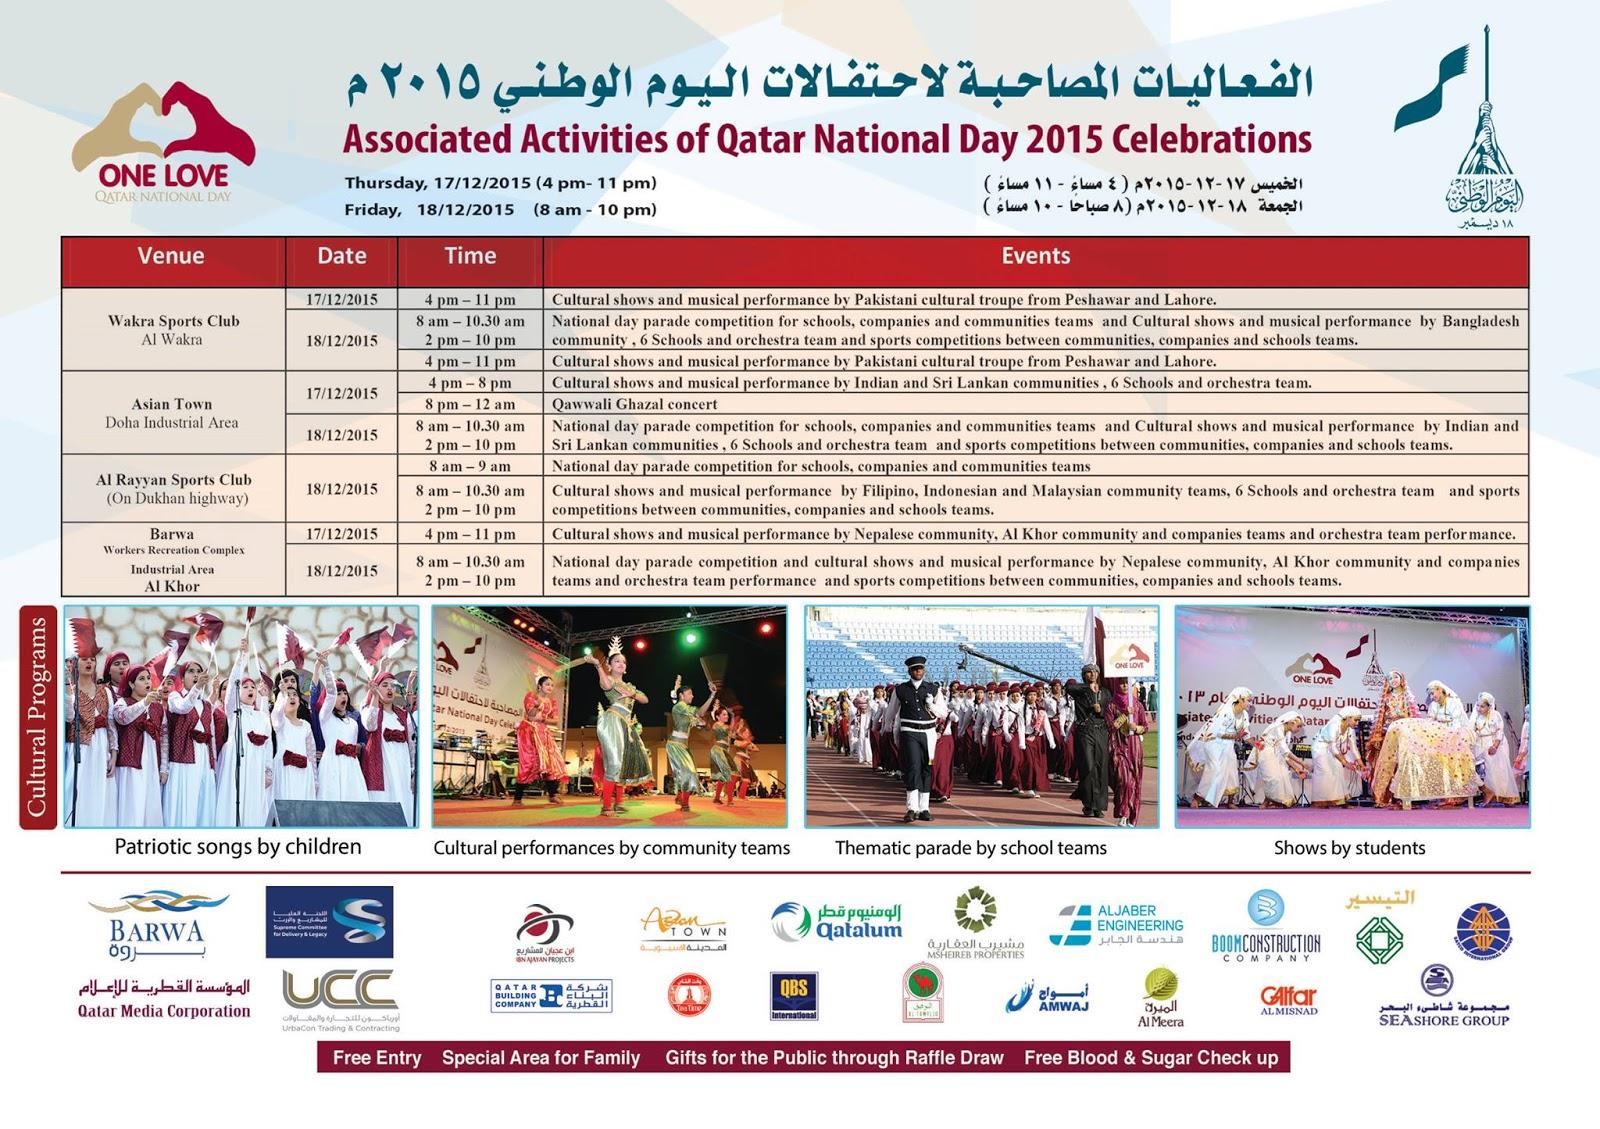 Qatar National Day 2015